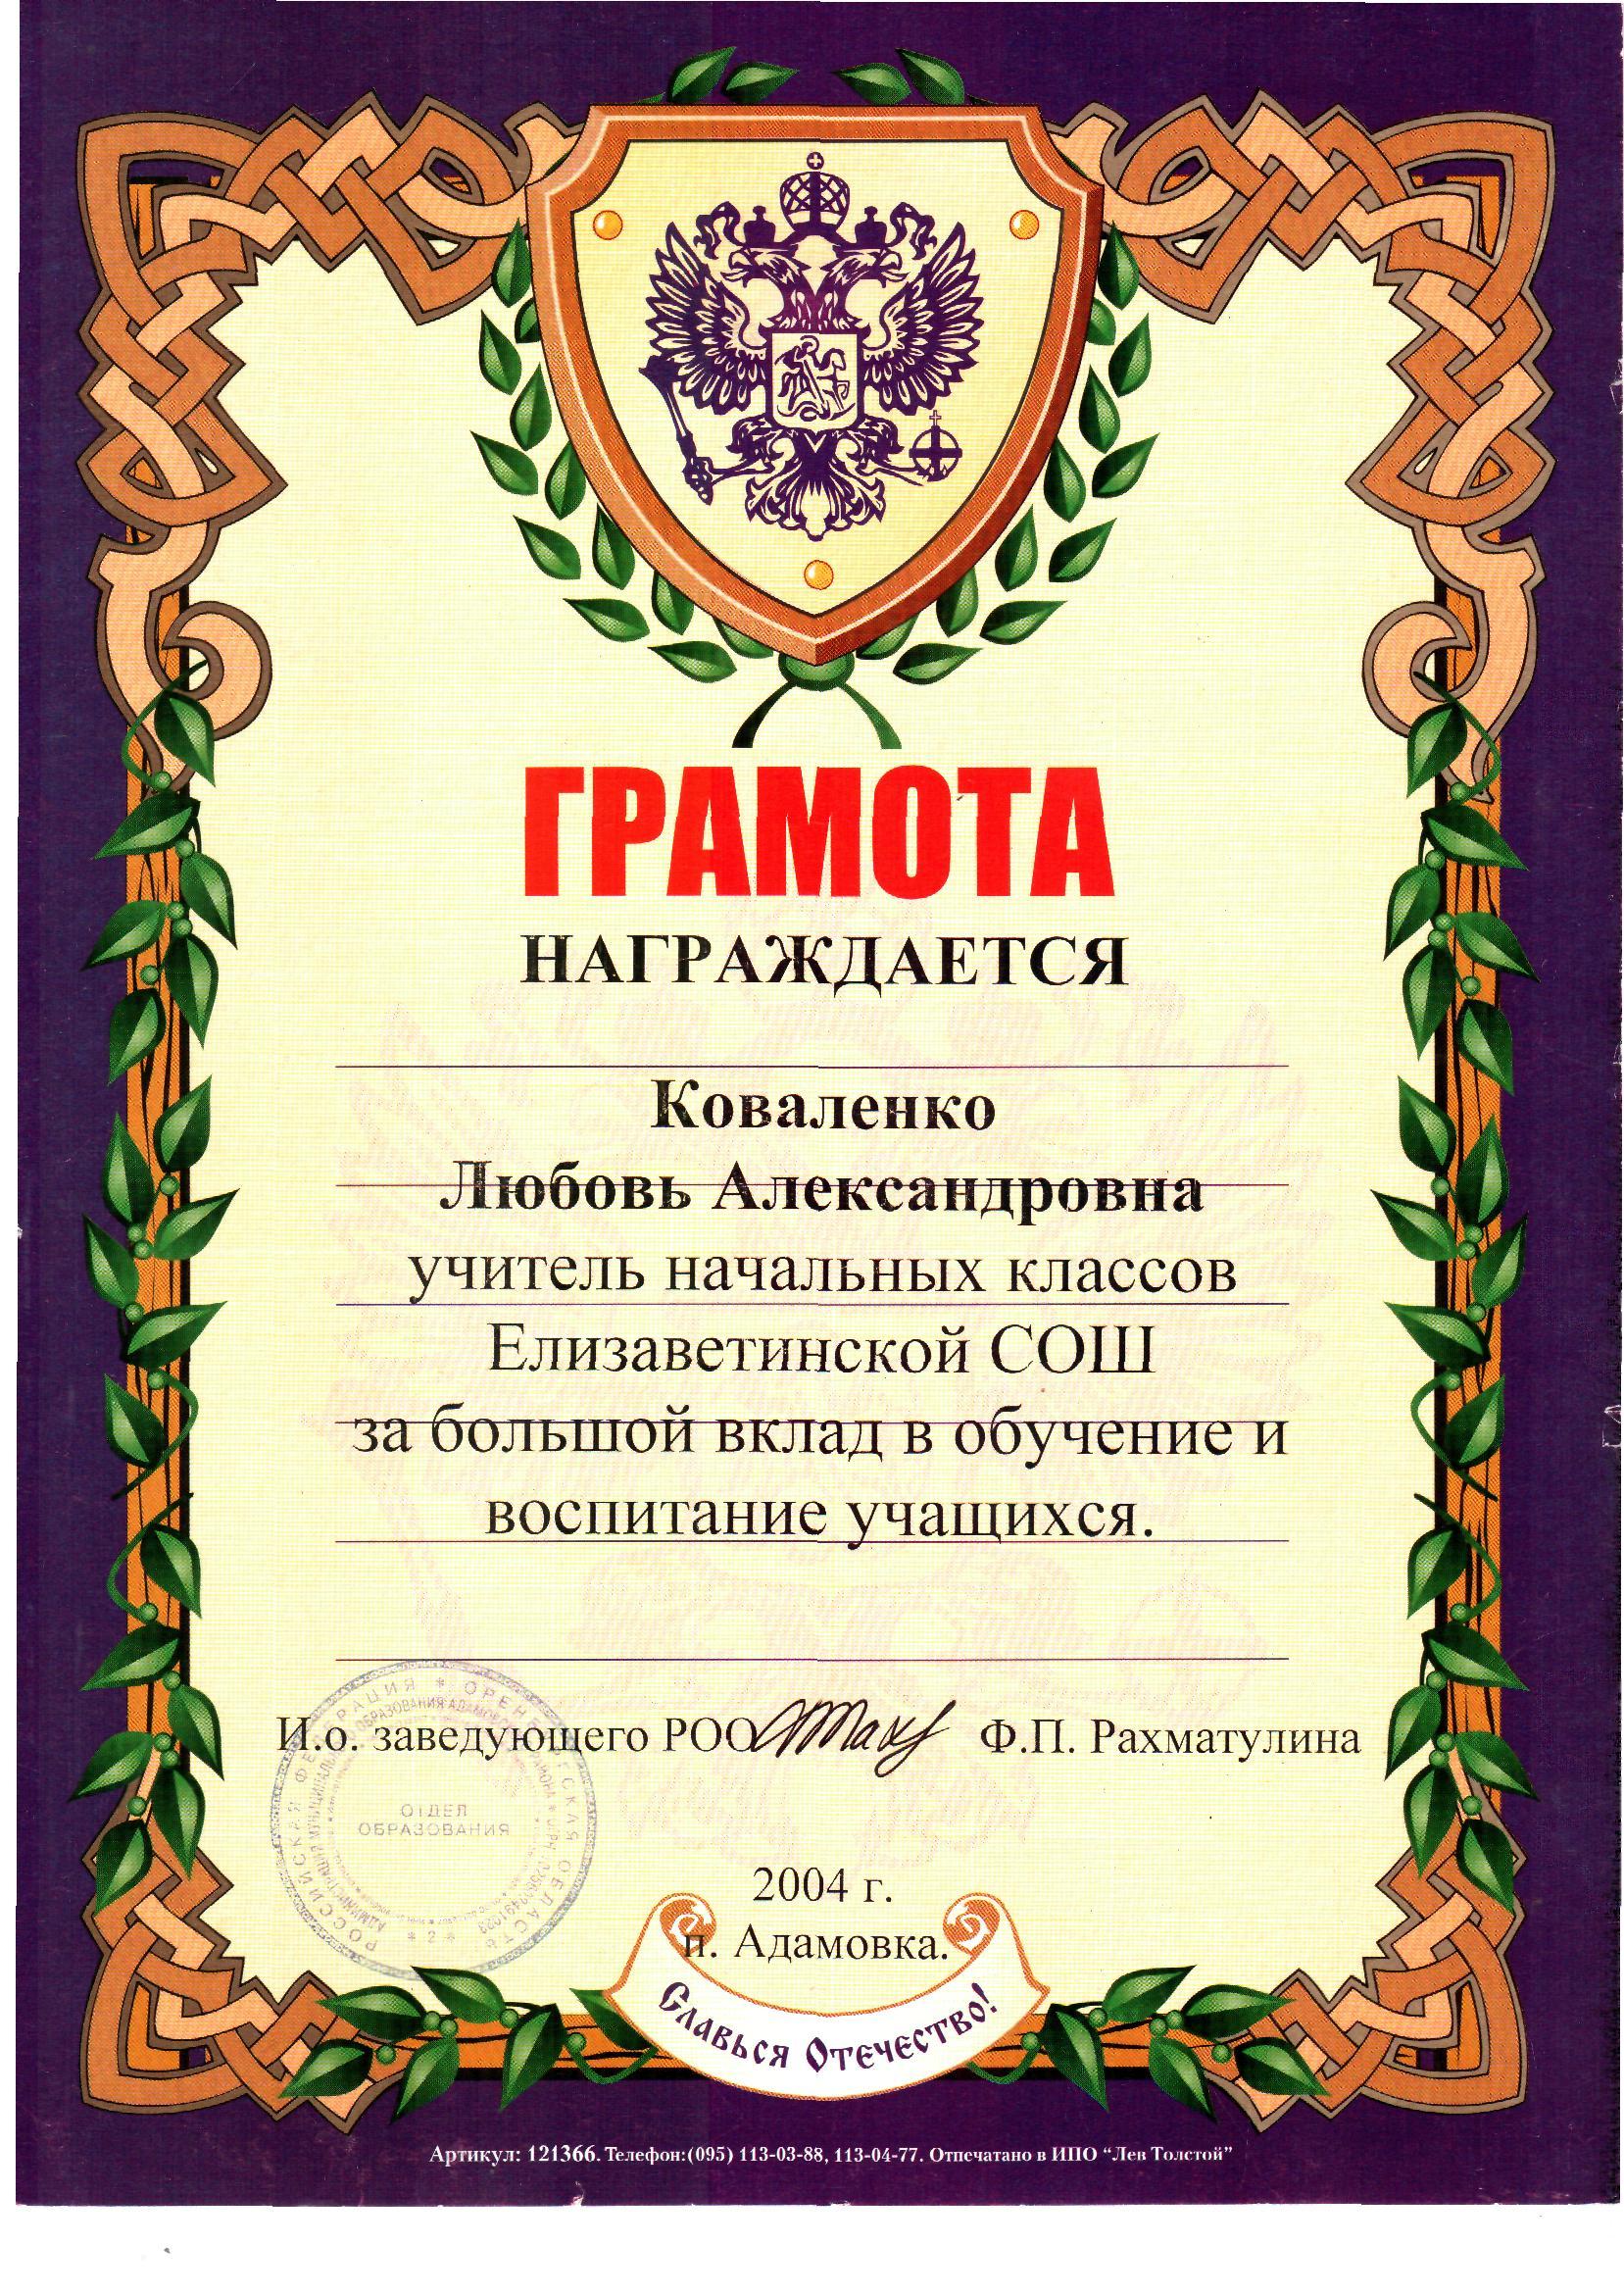 F:\грамоты\sergei_752@mail.ru\helios84@mail.ru\коваленко0007.jpg